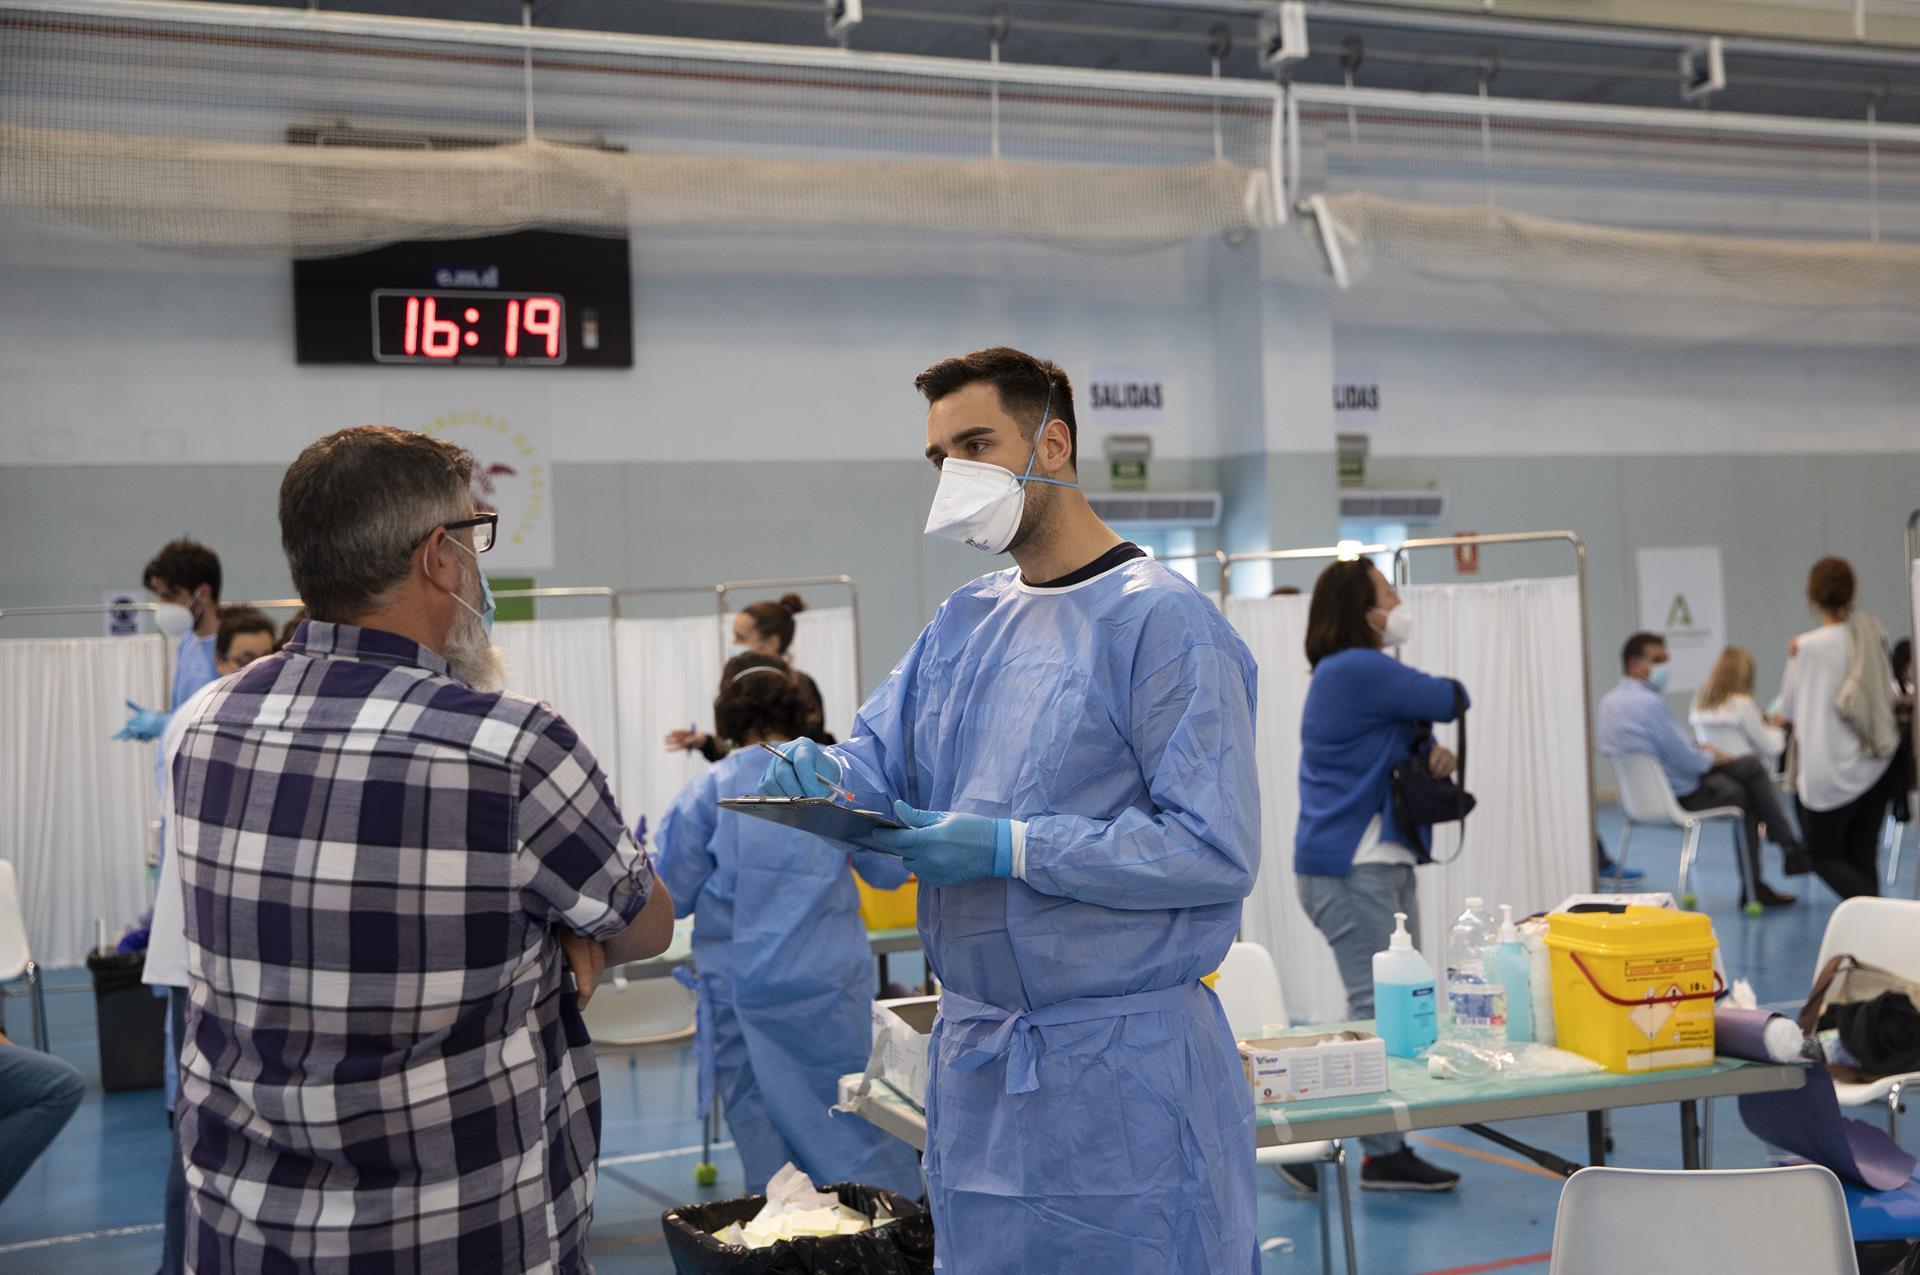 Andalucía registra 3.303 positivos, 1.535 más que este lunes, ocho muertes y su tasa se mantiene en 457